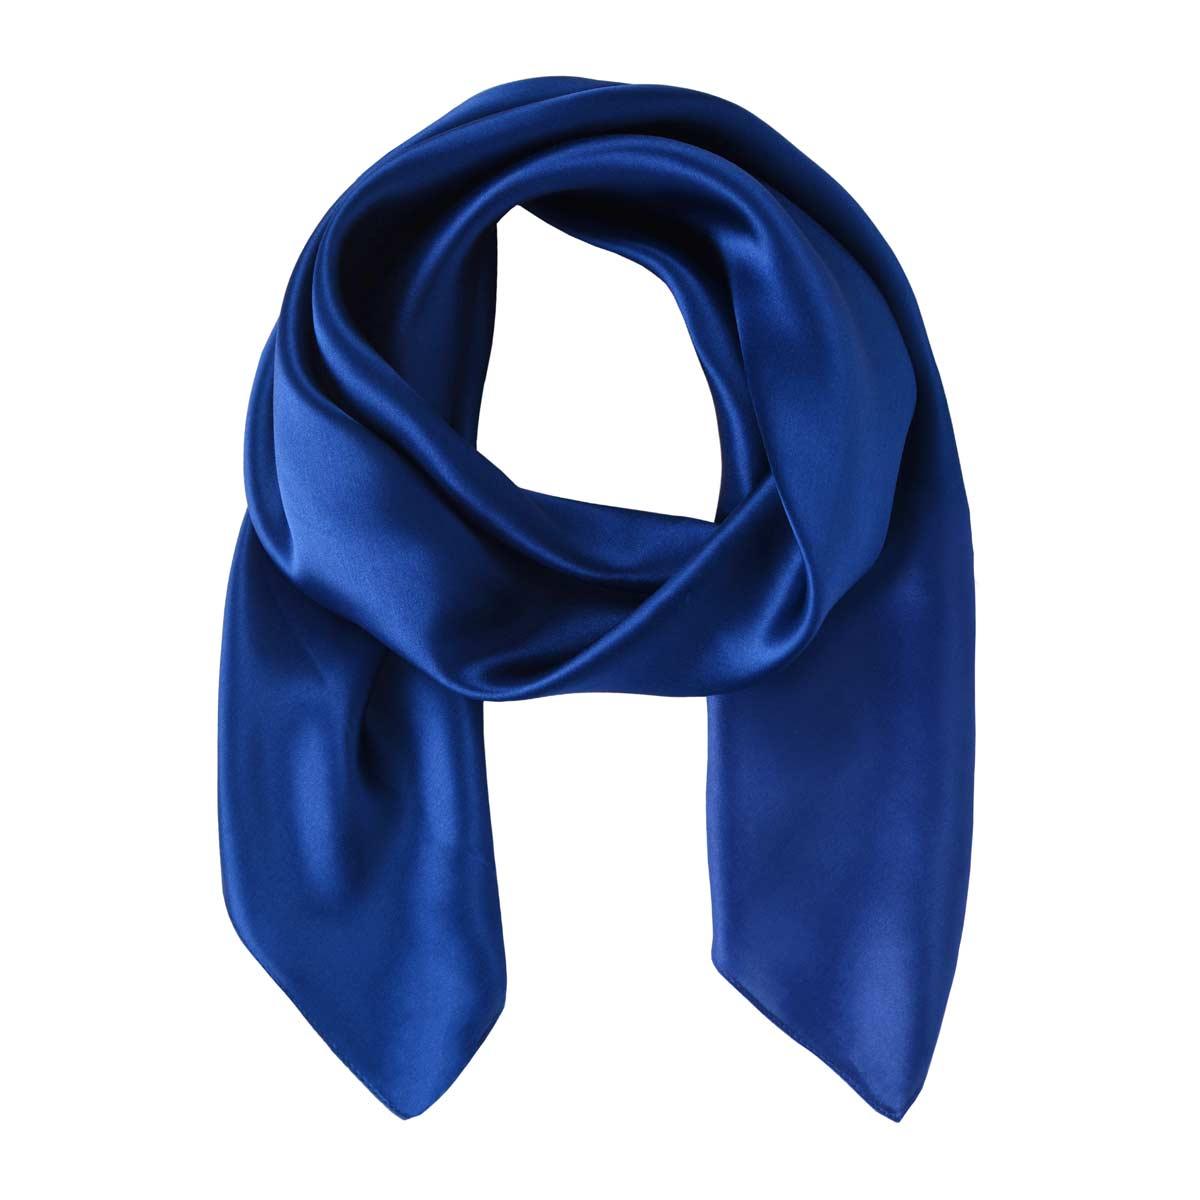 AT-05375_F12-1--_Grand-carre-de-soie-bleu-marine